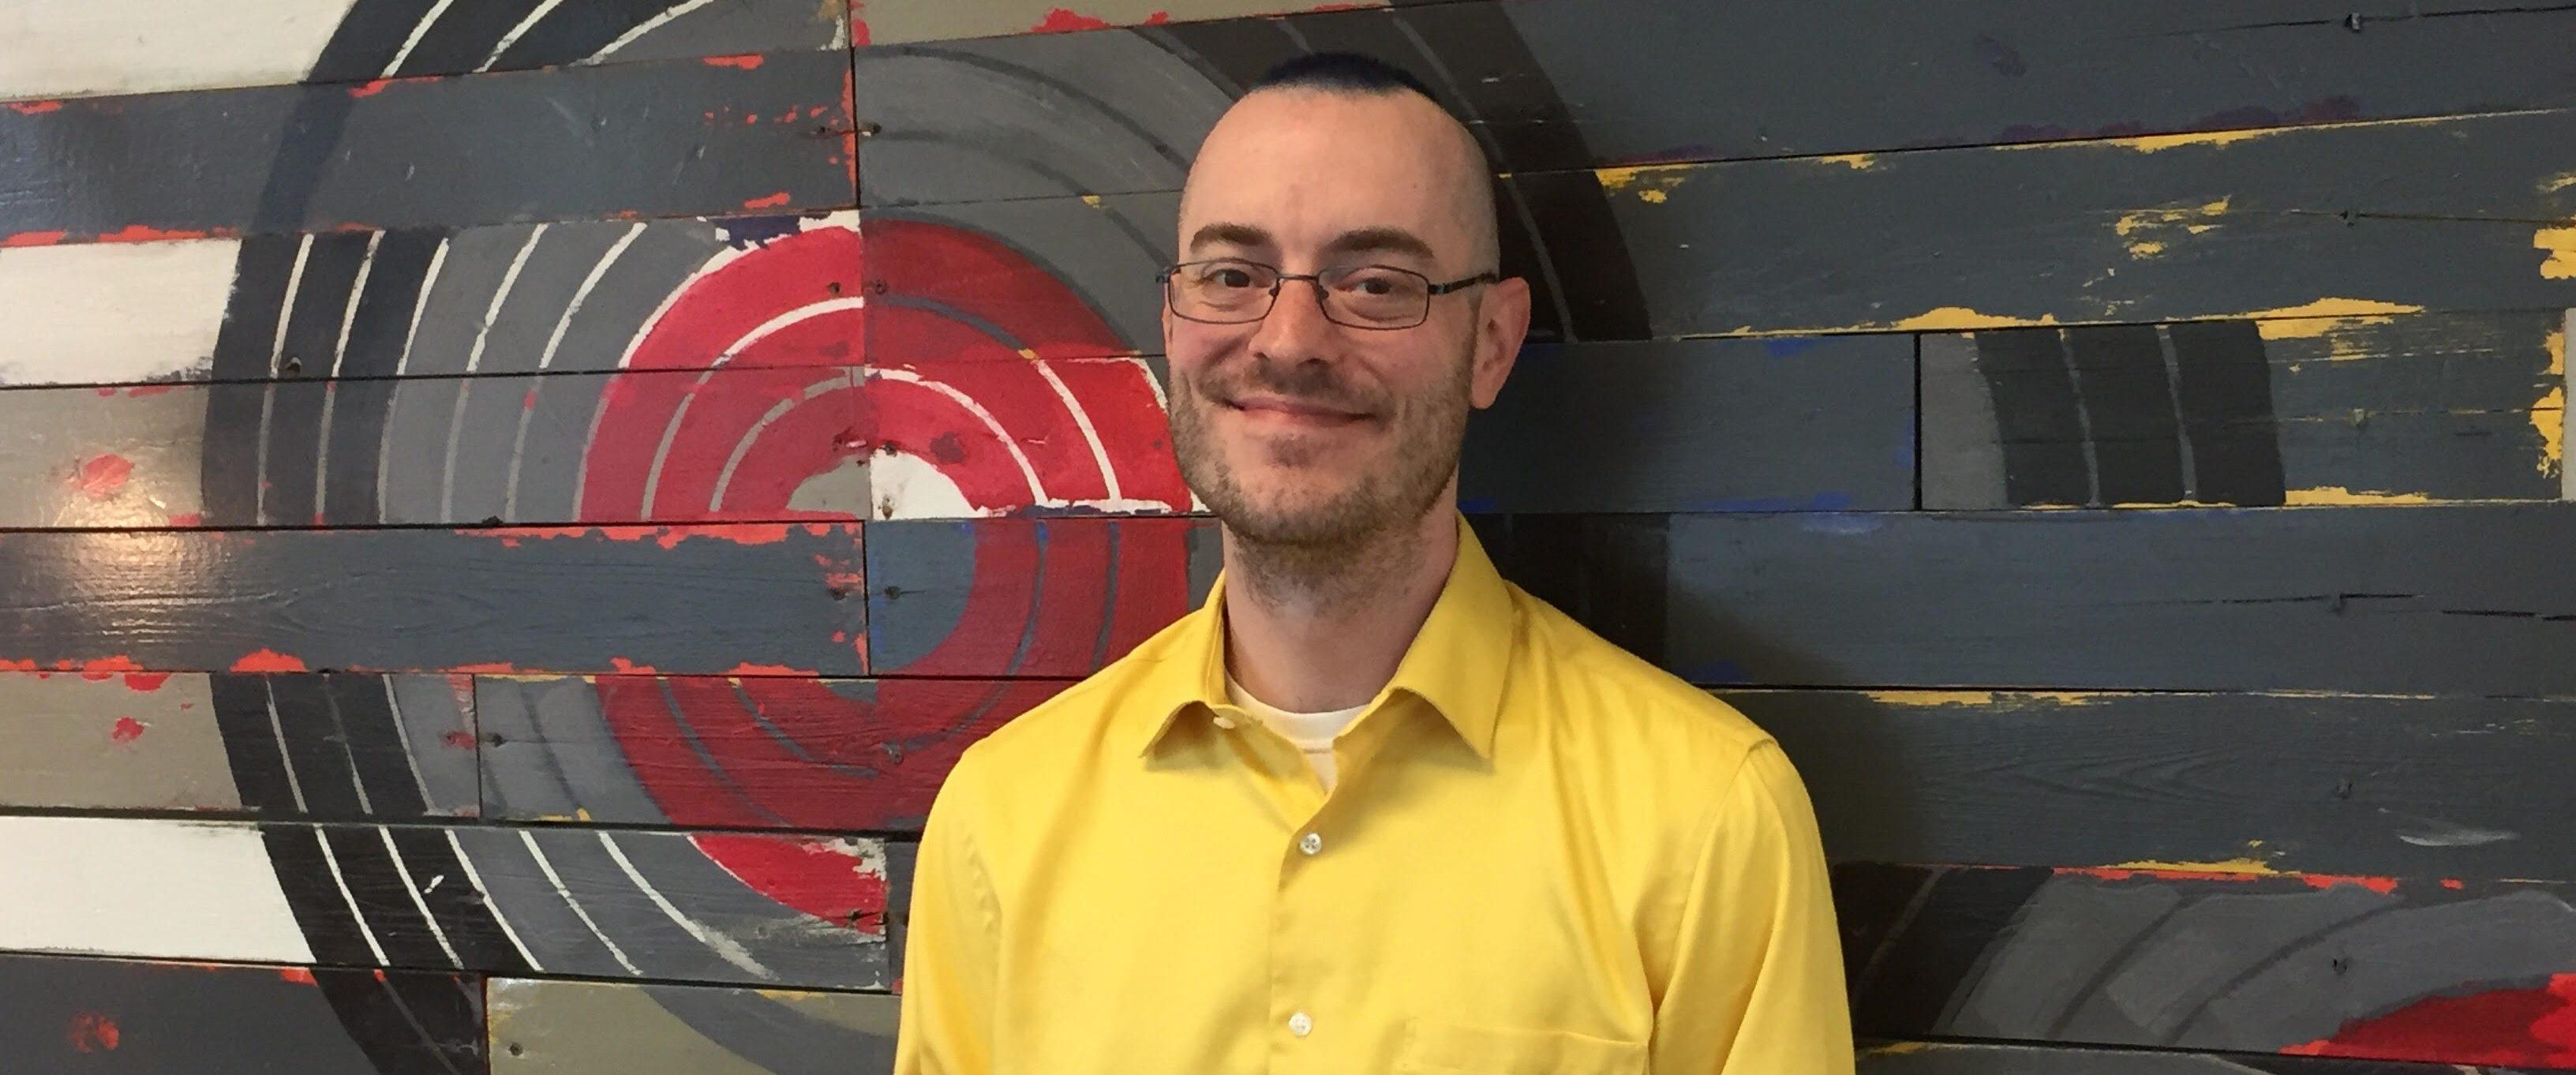 Chris Rothermel